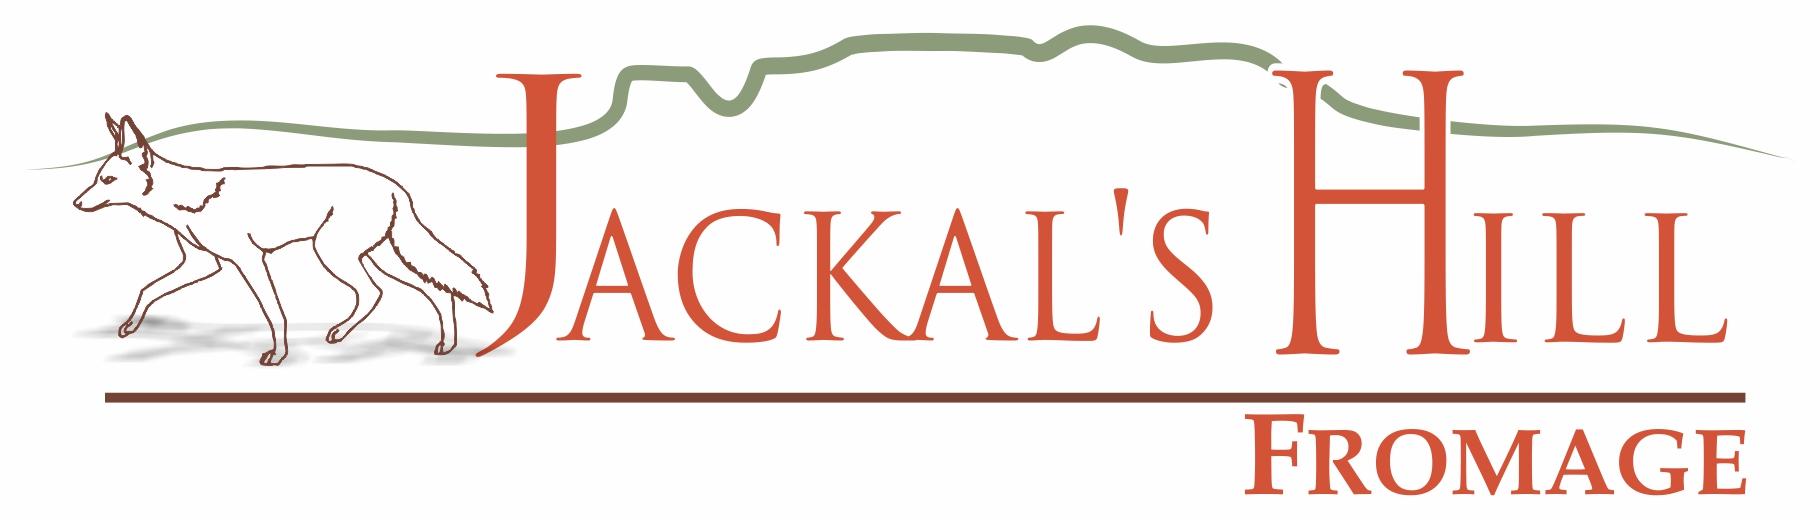 Jackals Hill